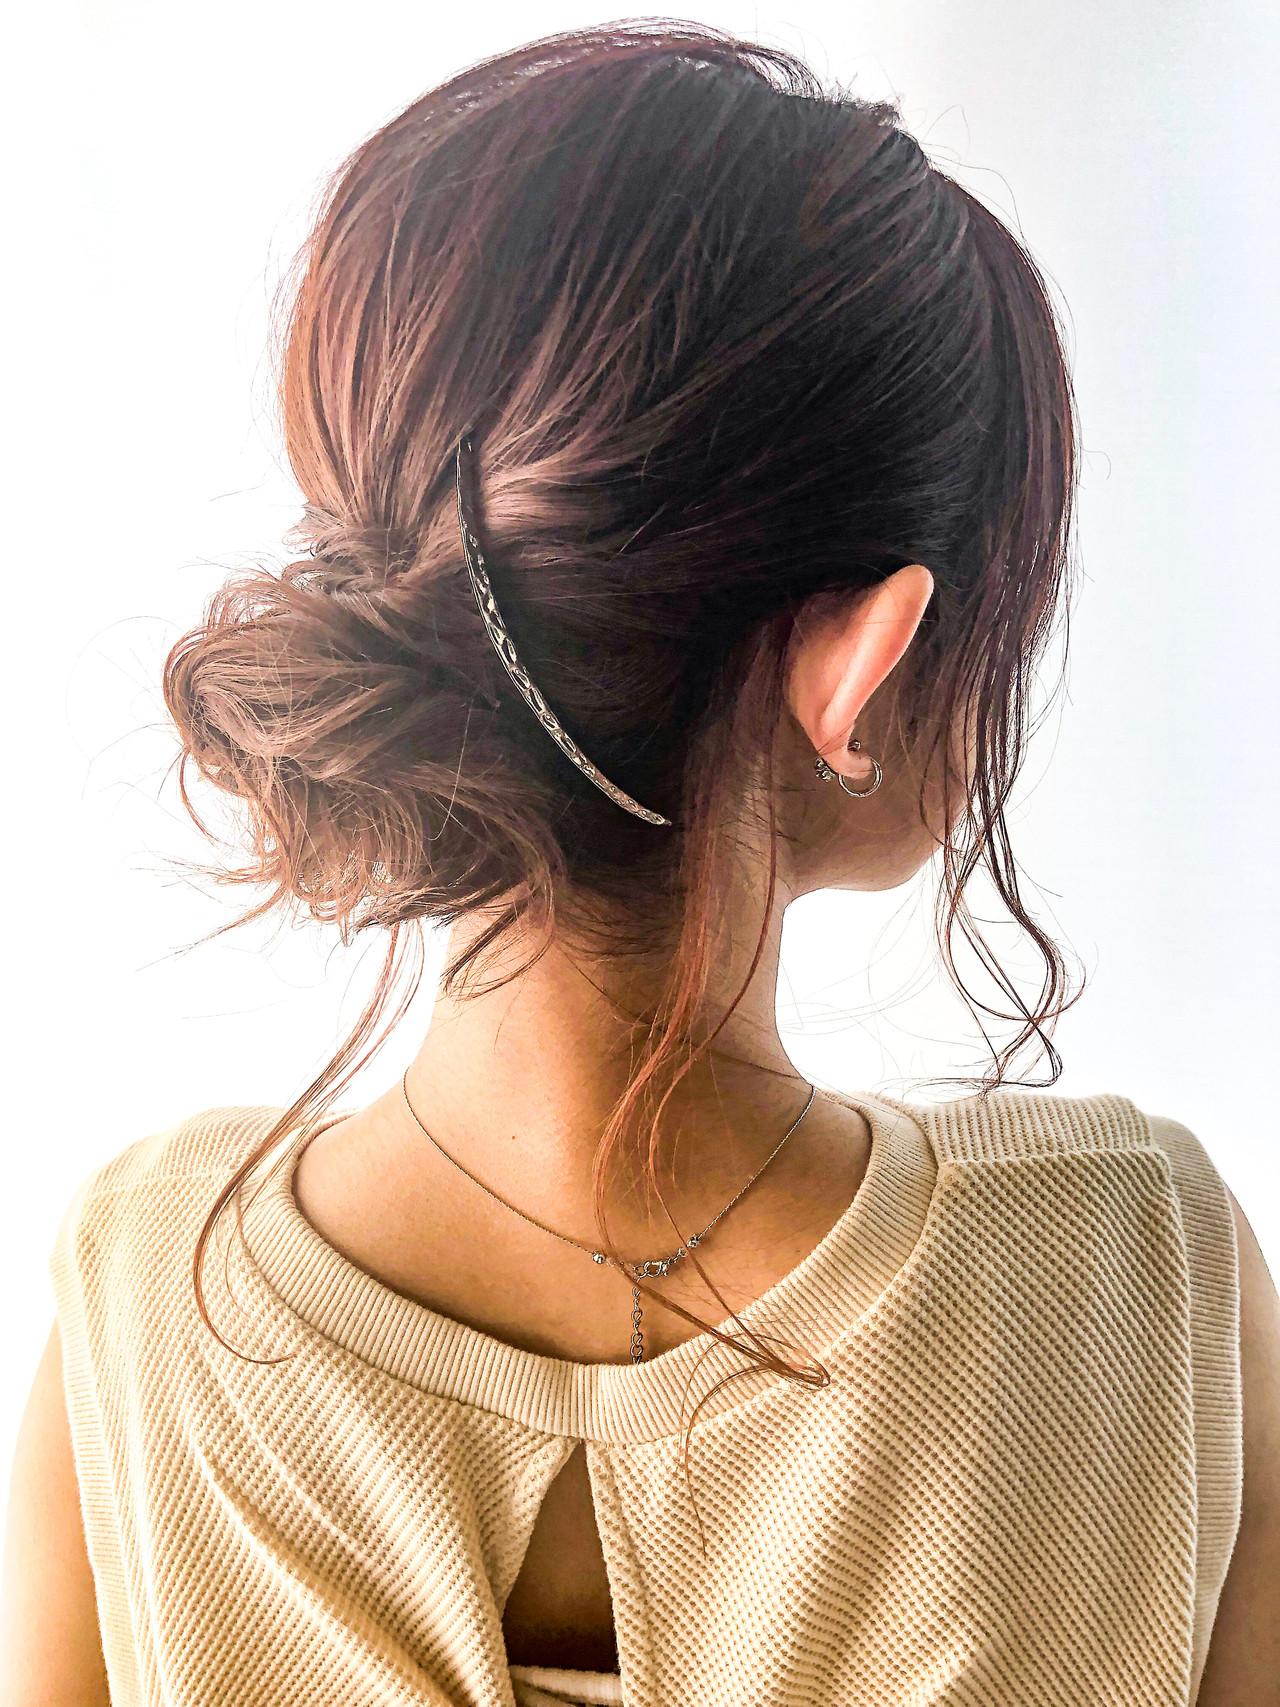 大人ミディアム セミロング エレガント デジタルパーマ ヘアスタイルや髪型の写真・画像